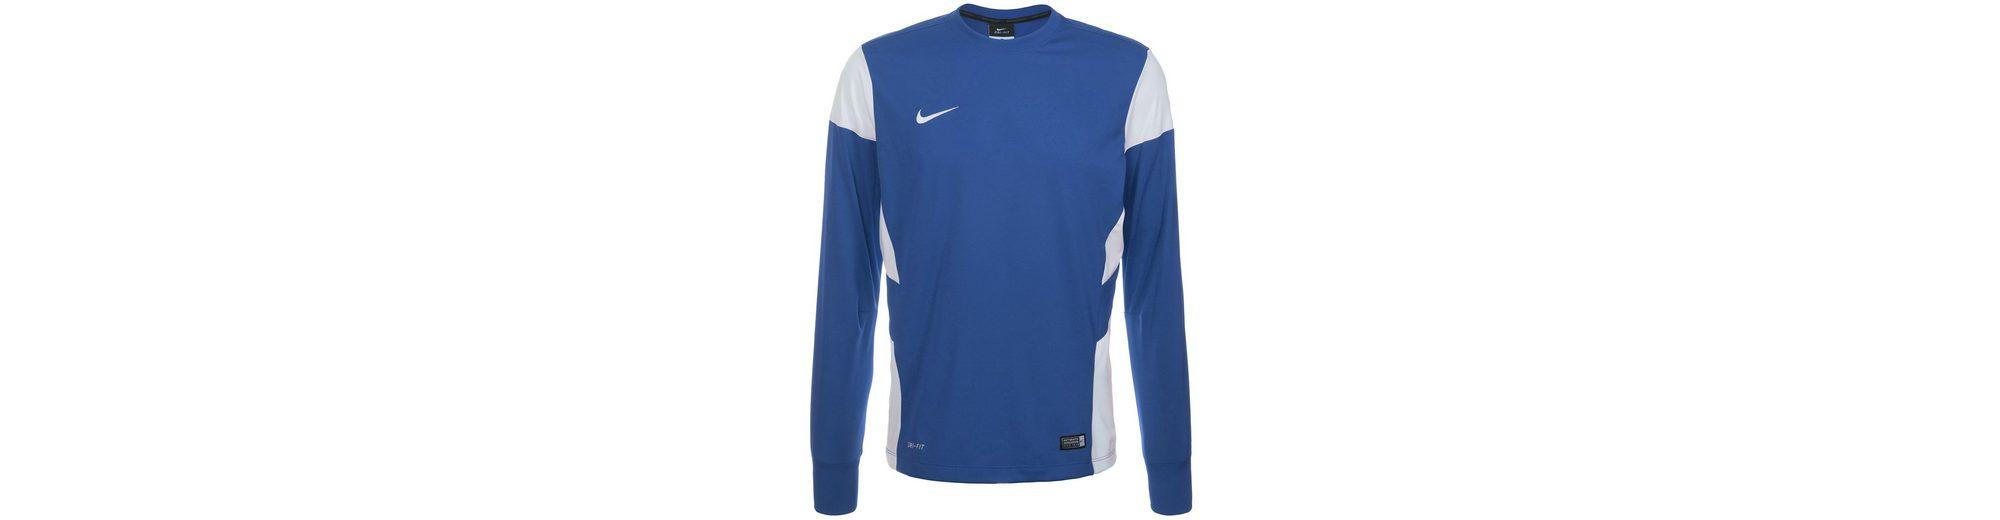 Herren Longsleeve Nike Academy Midlayer 14 xqxPBzIS